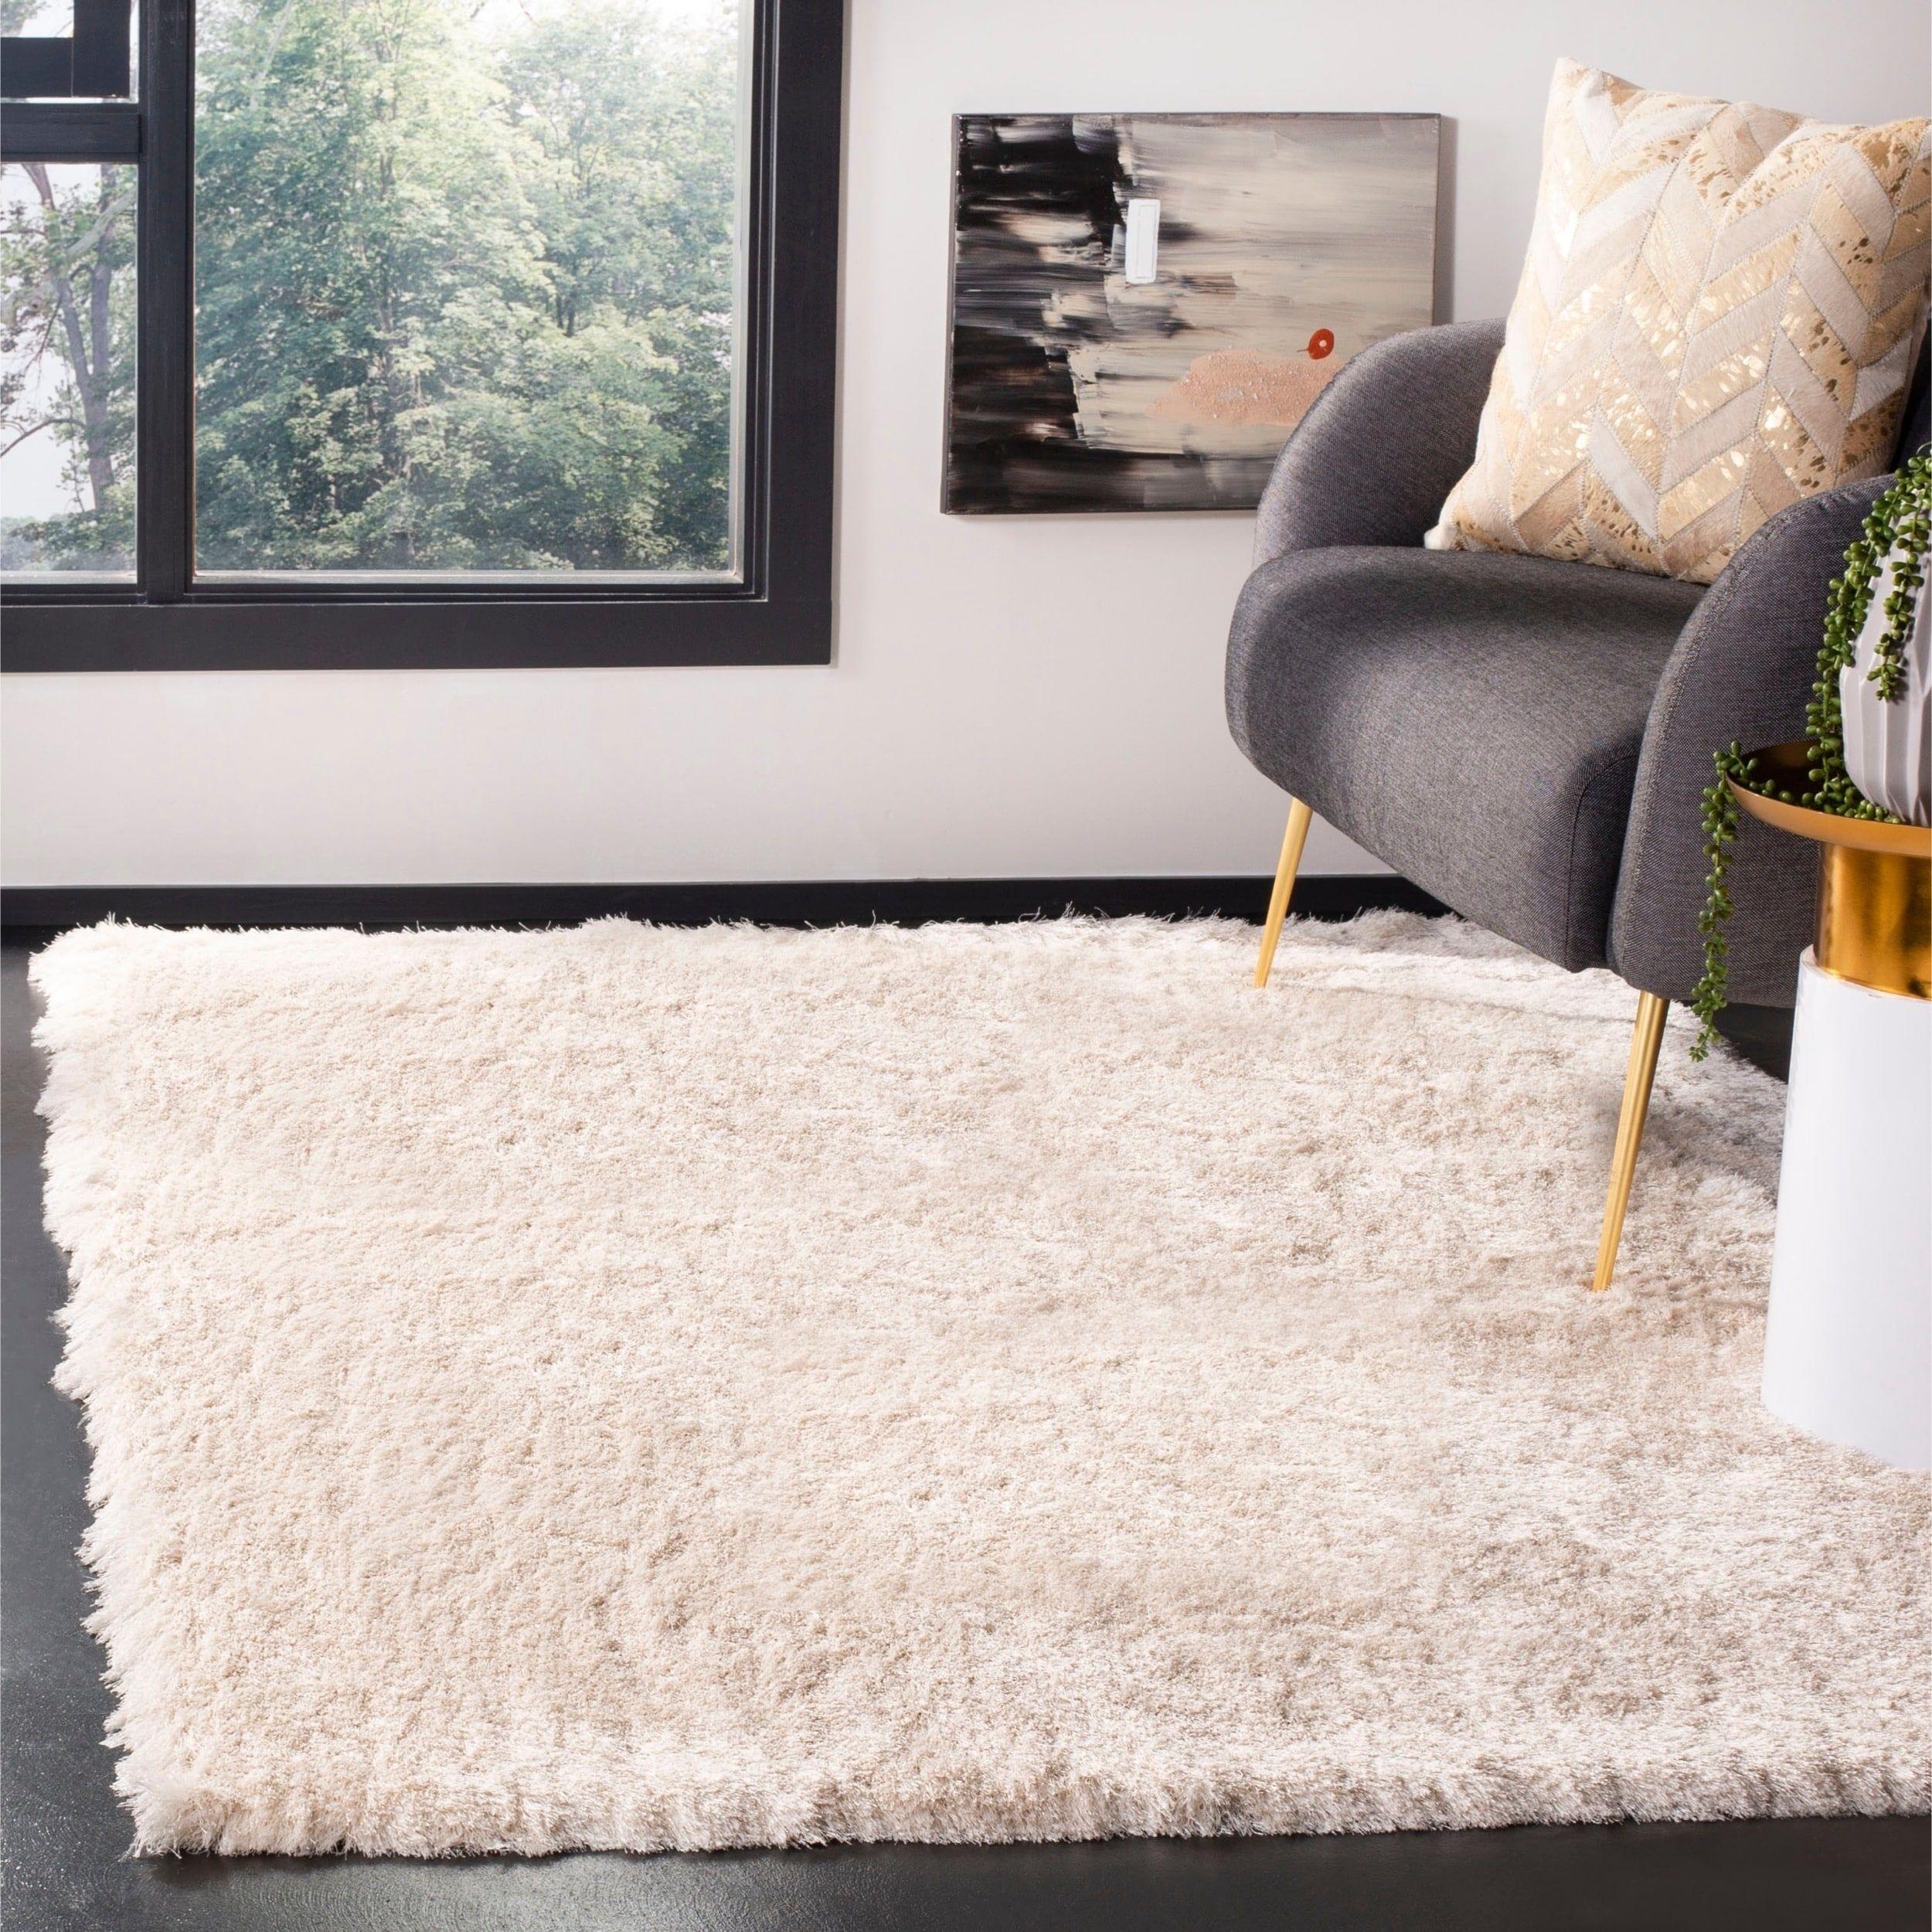 Safavieh handmade silken glam paris shag ivory rug 4 x 6